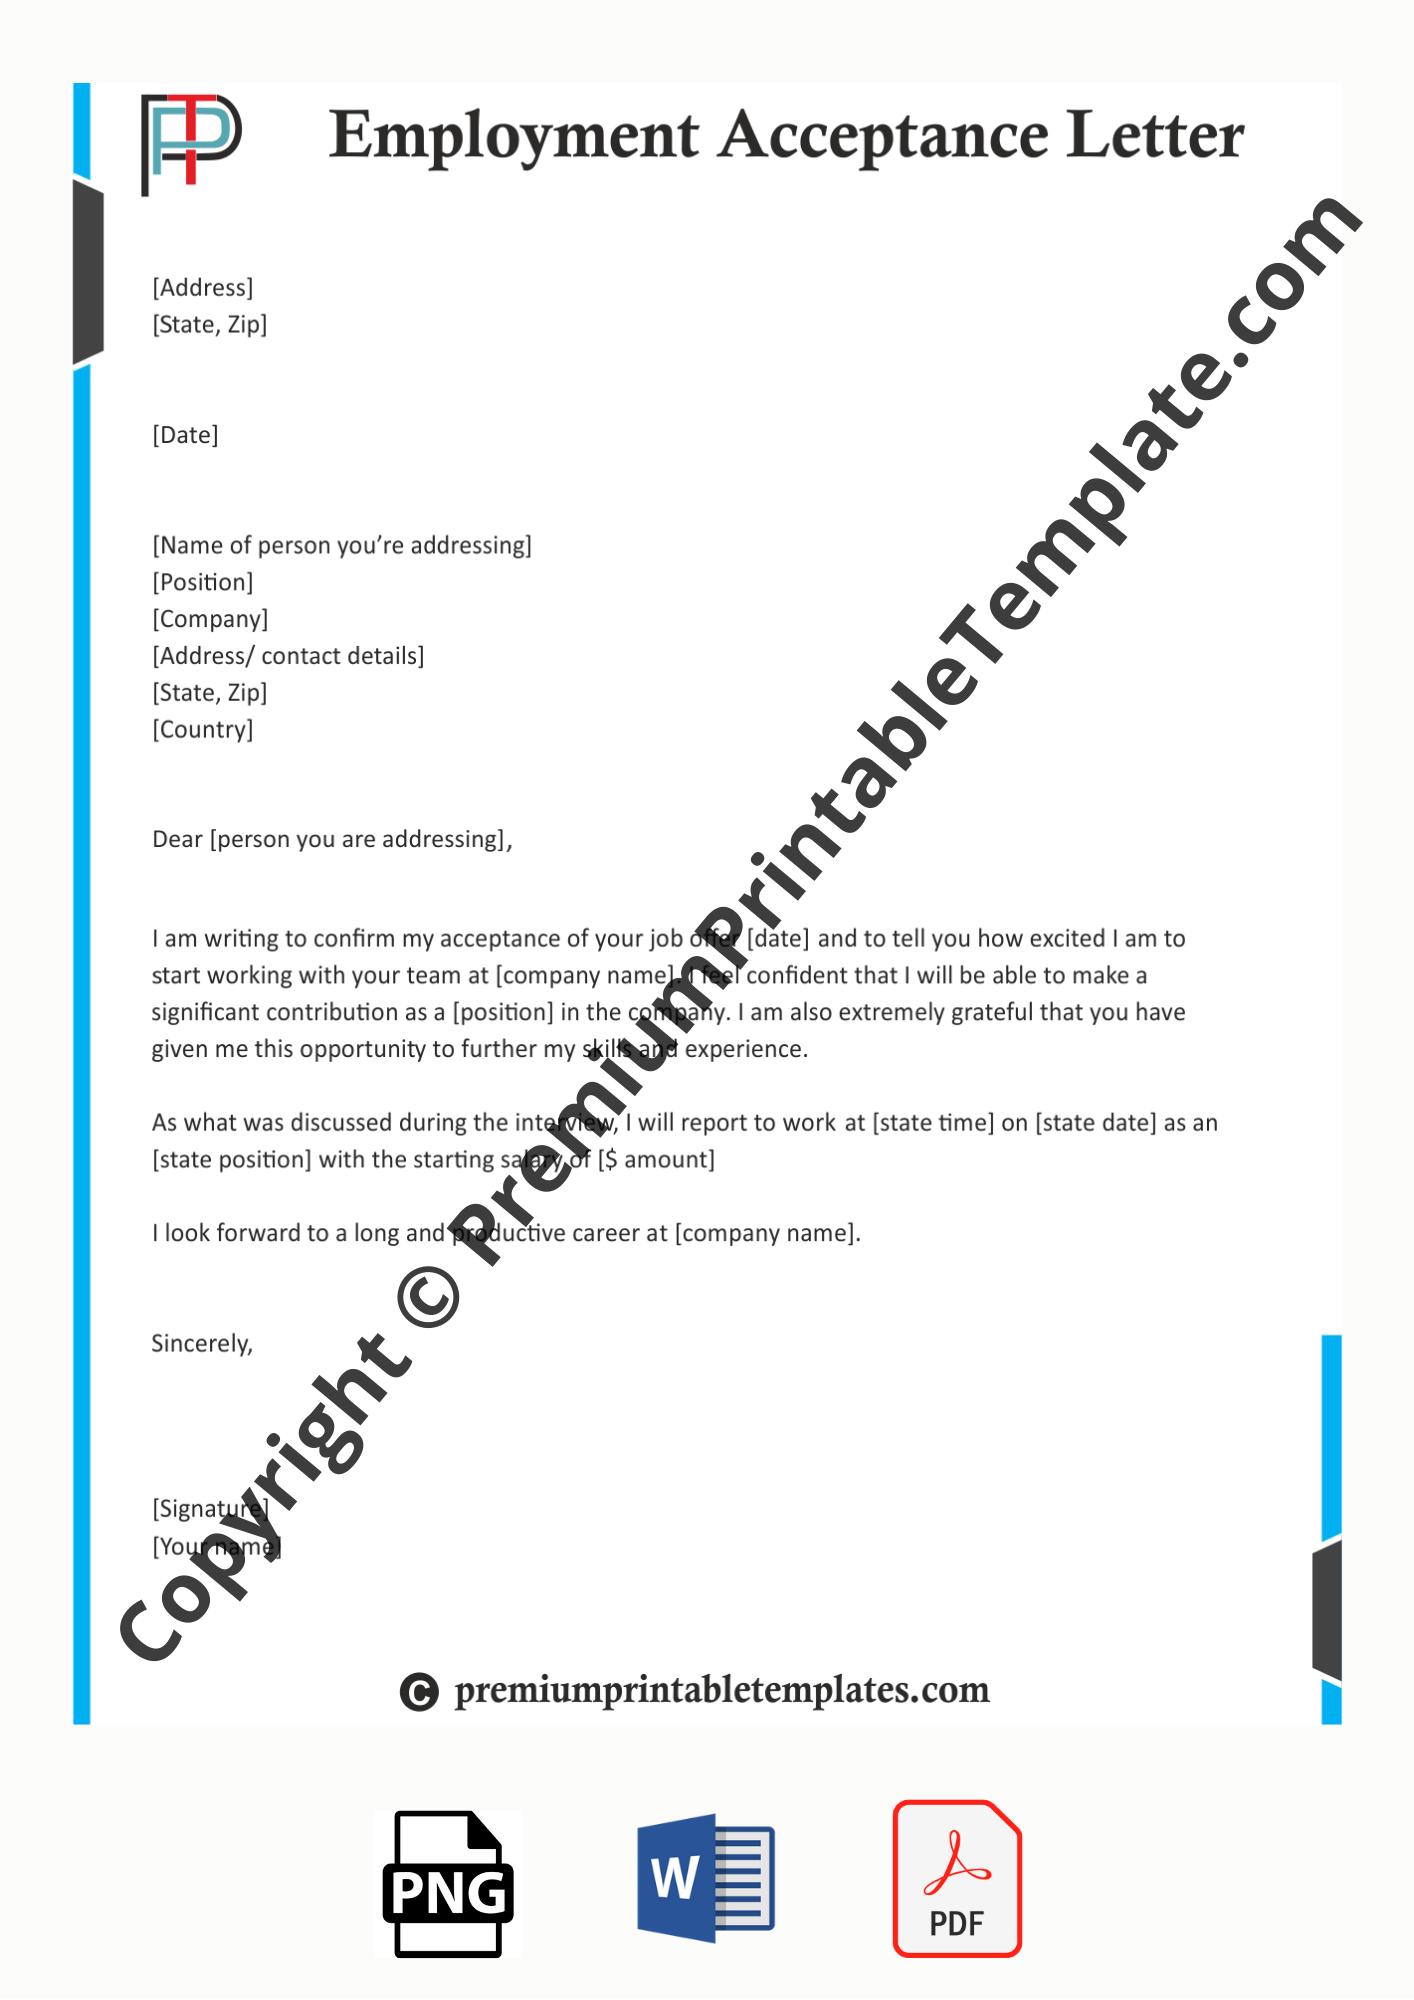 Employment Acceptance Letter